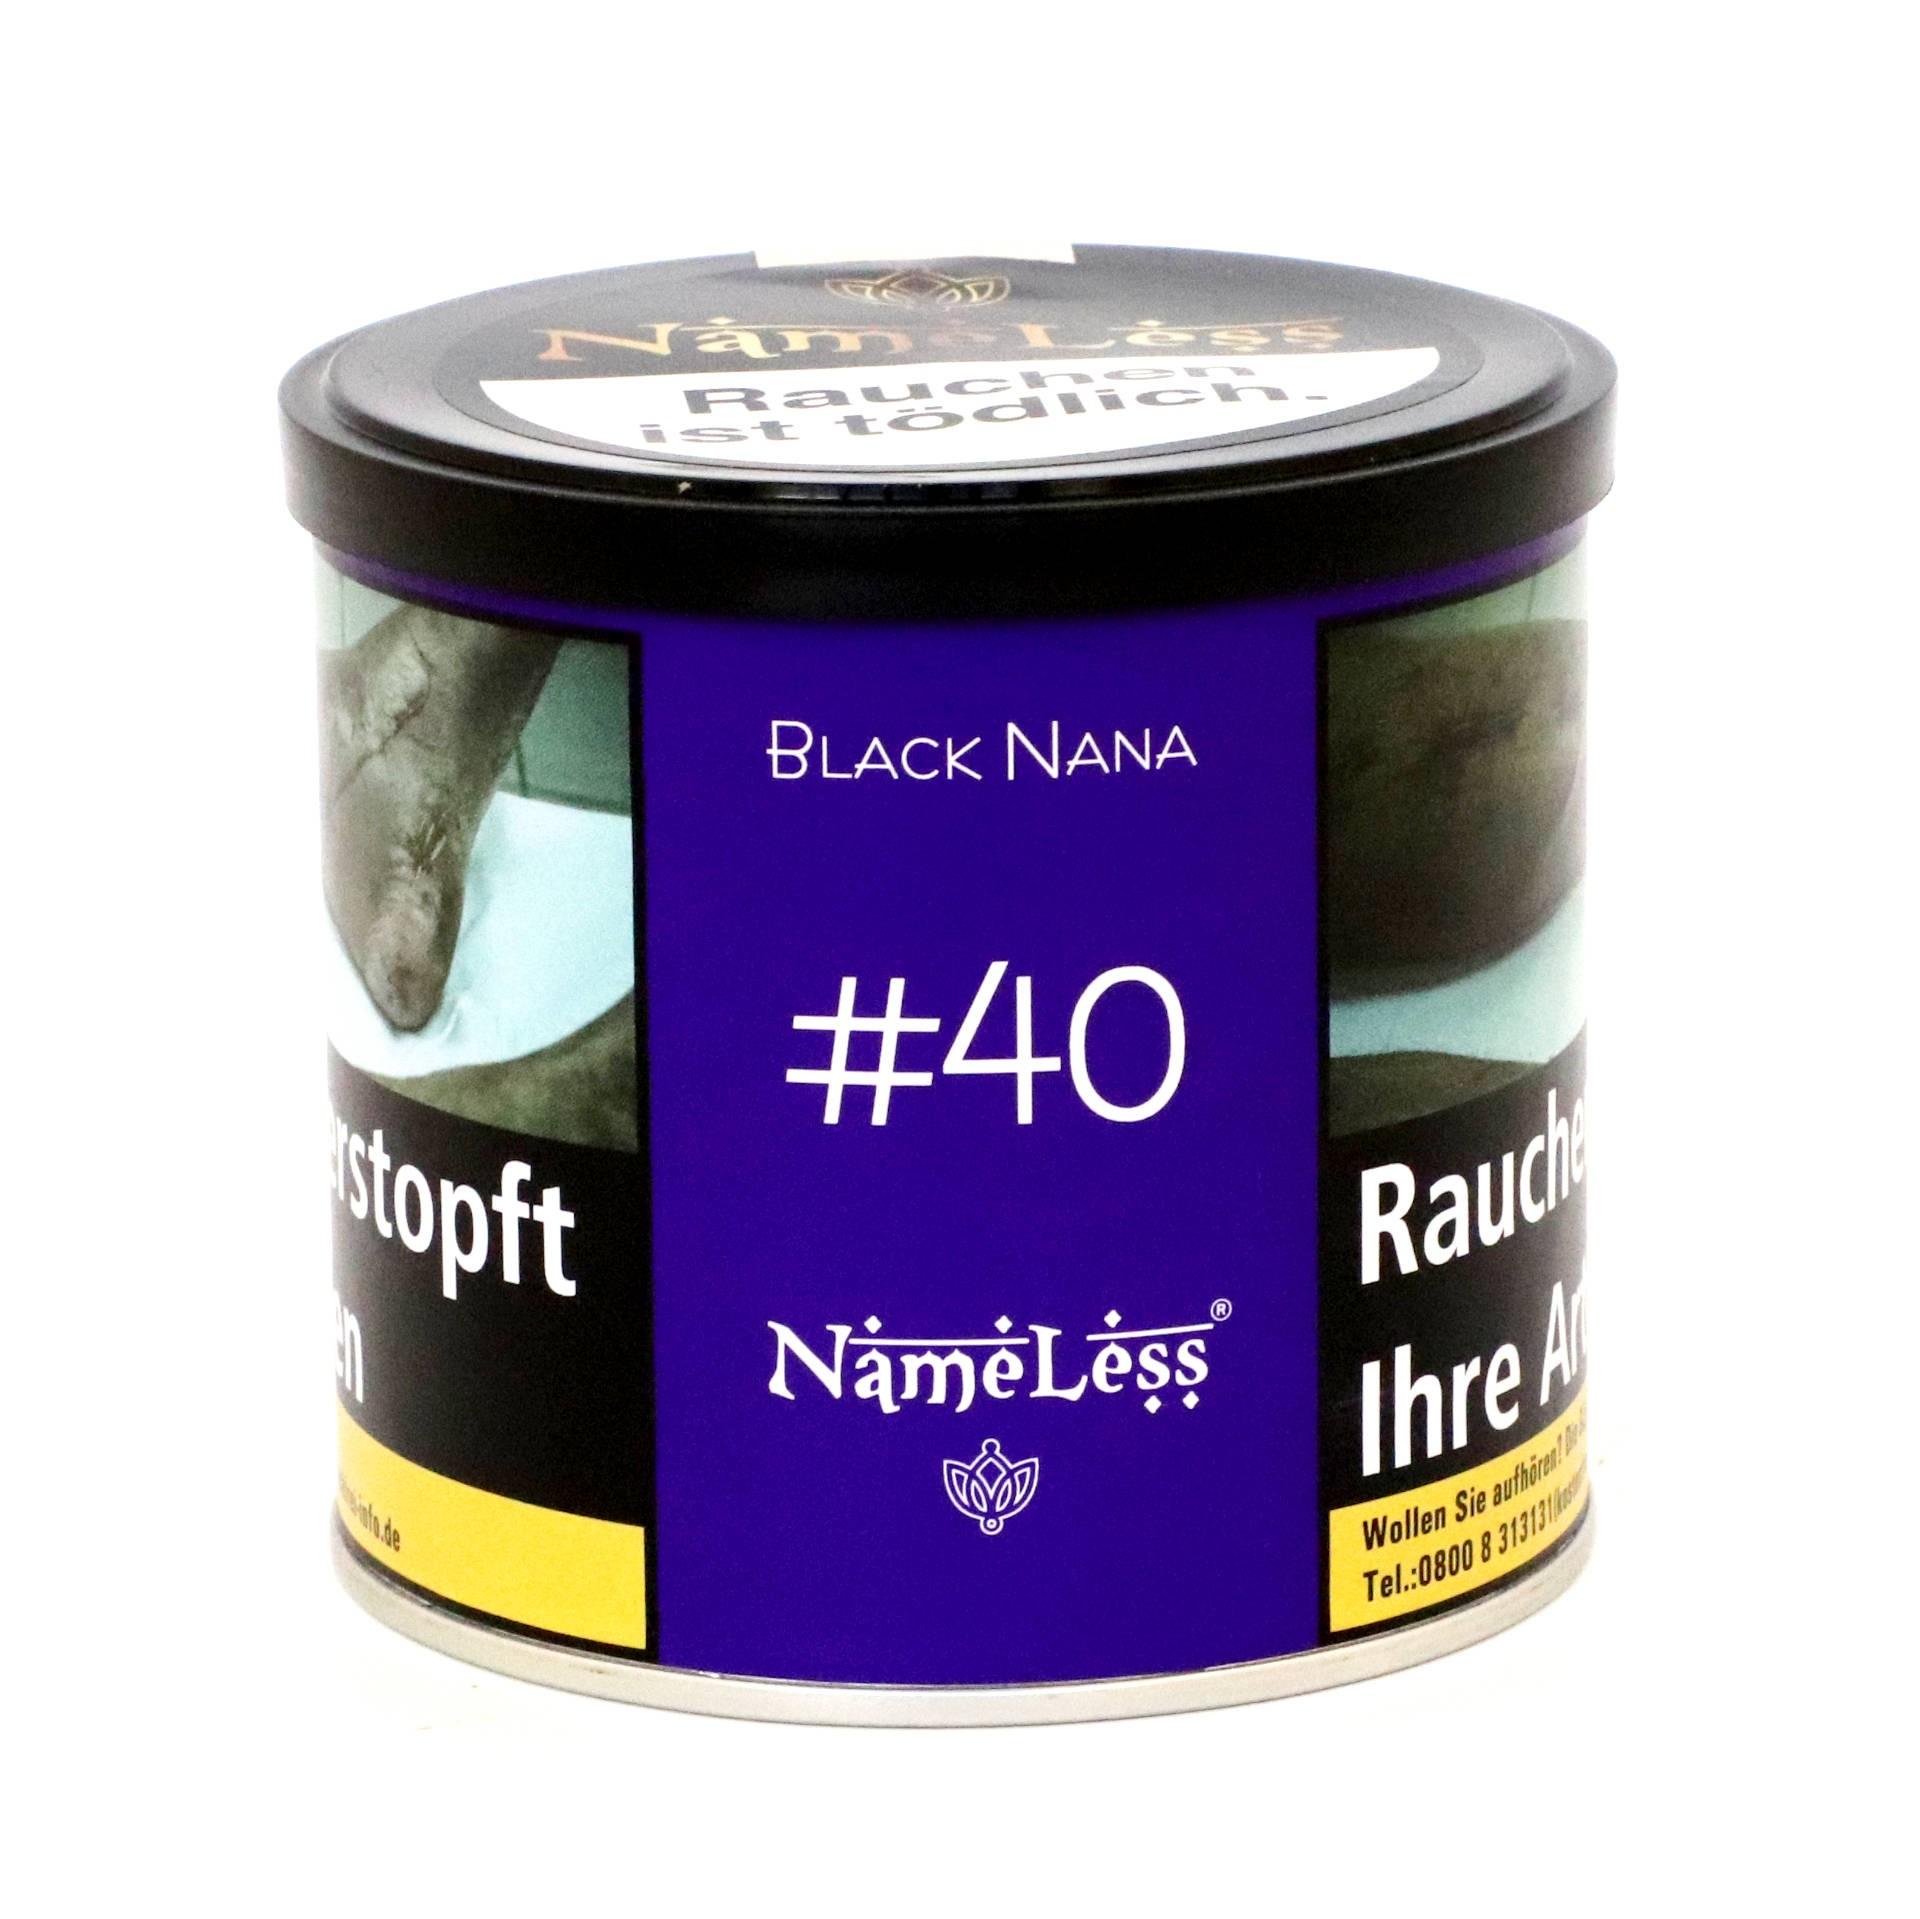 NameLess Tobacco - #40 Black Nana